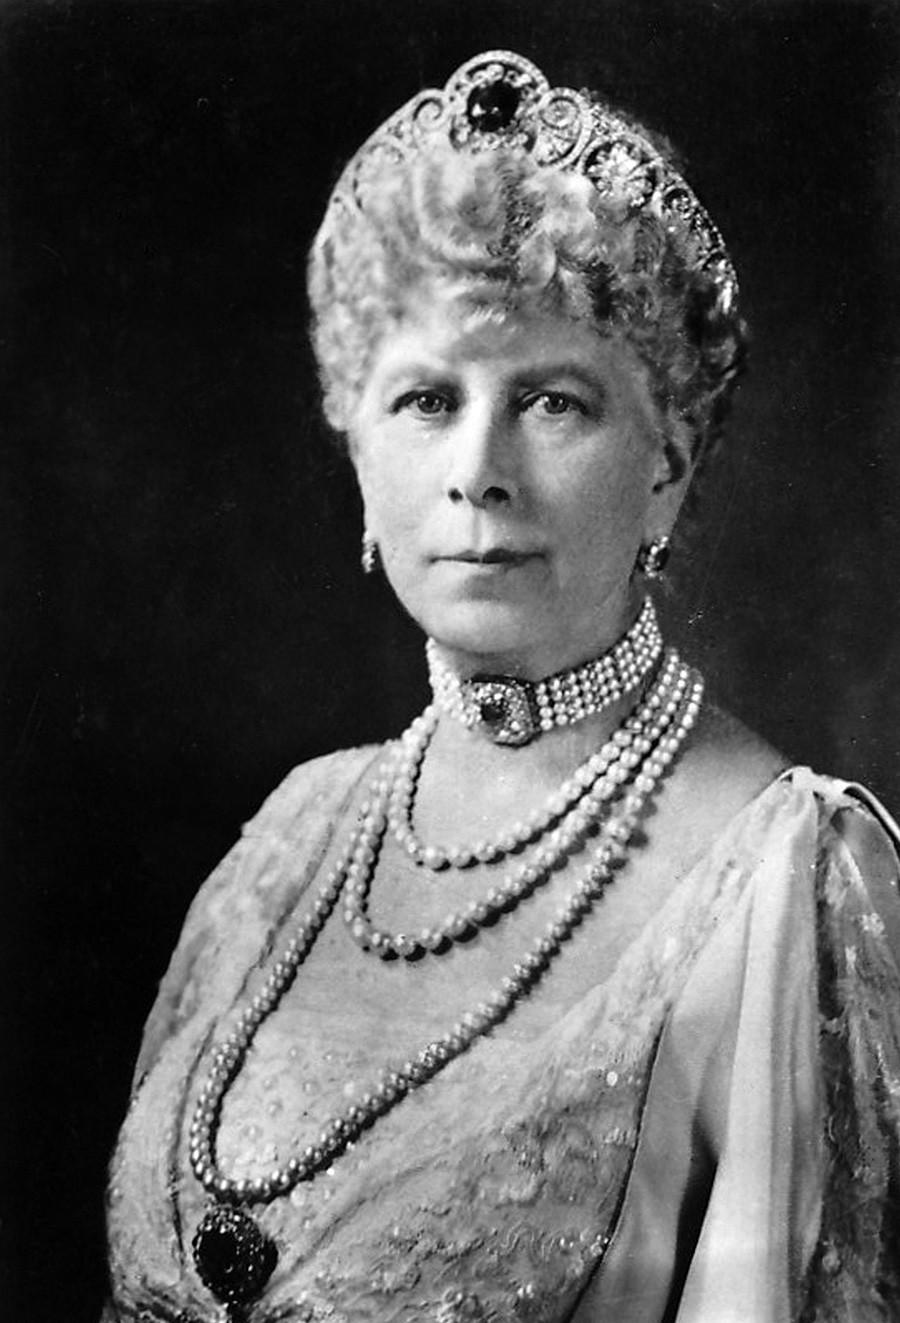 Королева Мария Текская (1867-1953), 1937.